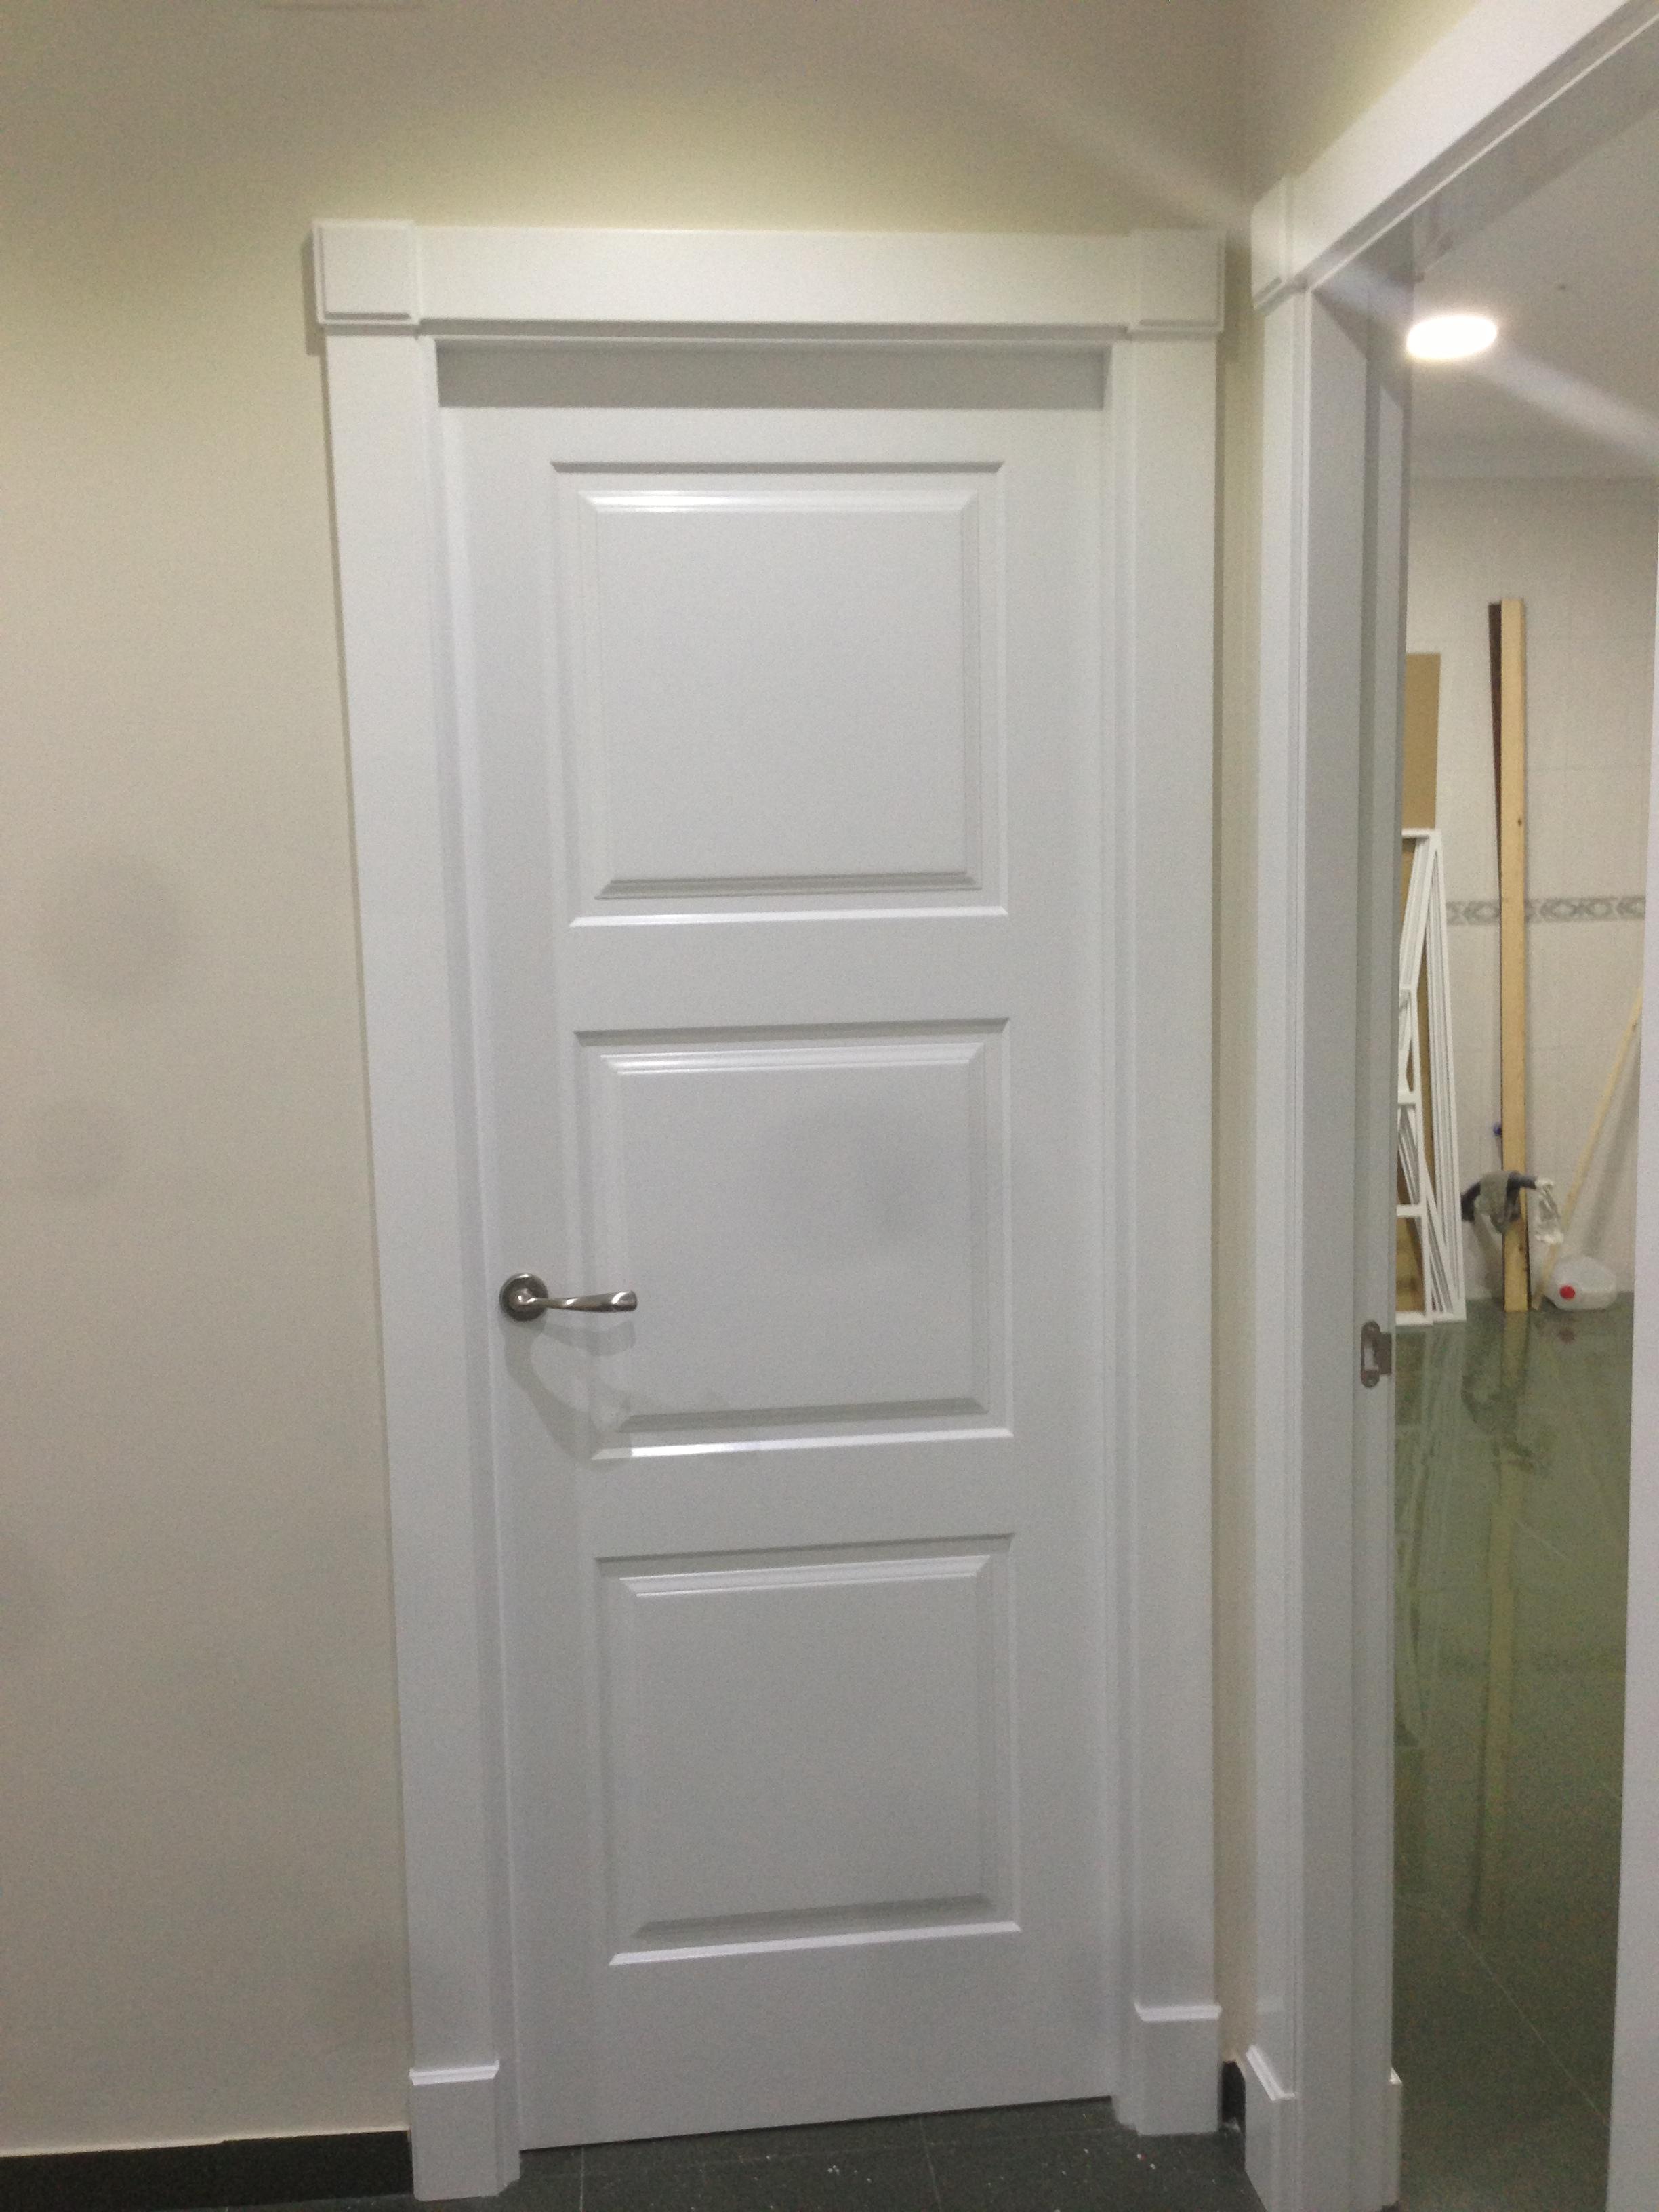 Trabajo realizado puertas innova s l u - Puertas blancas de interior ...